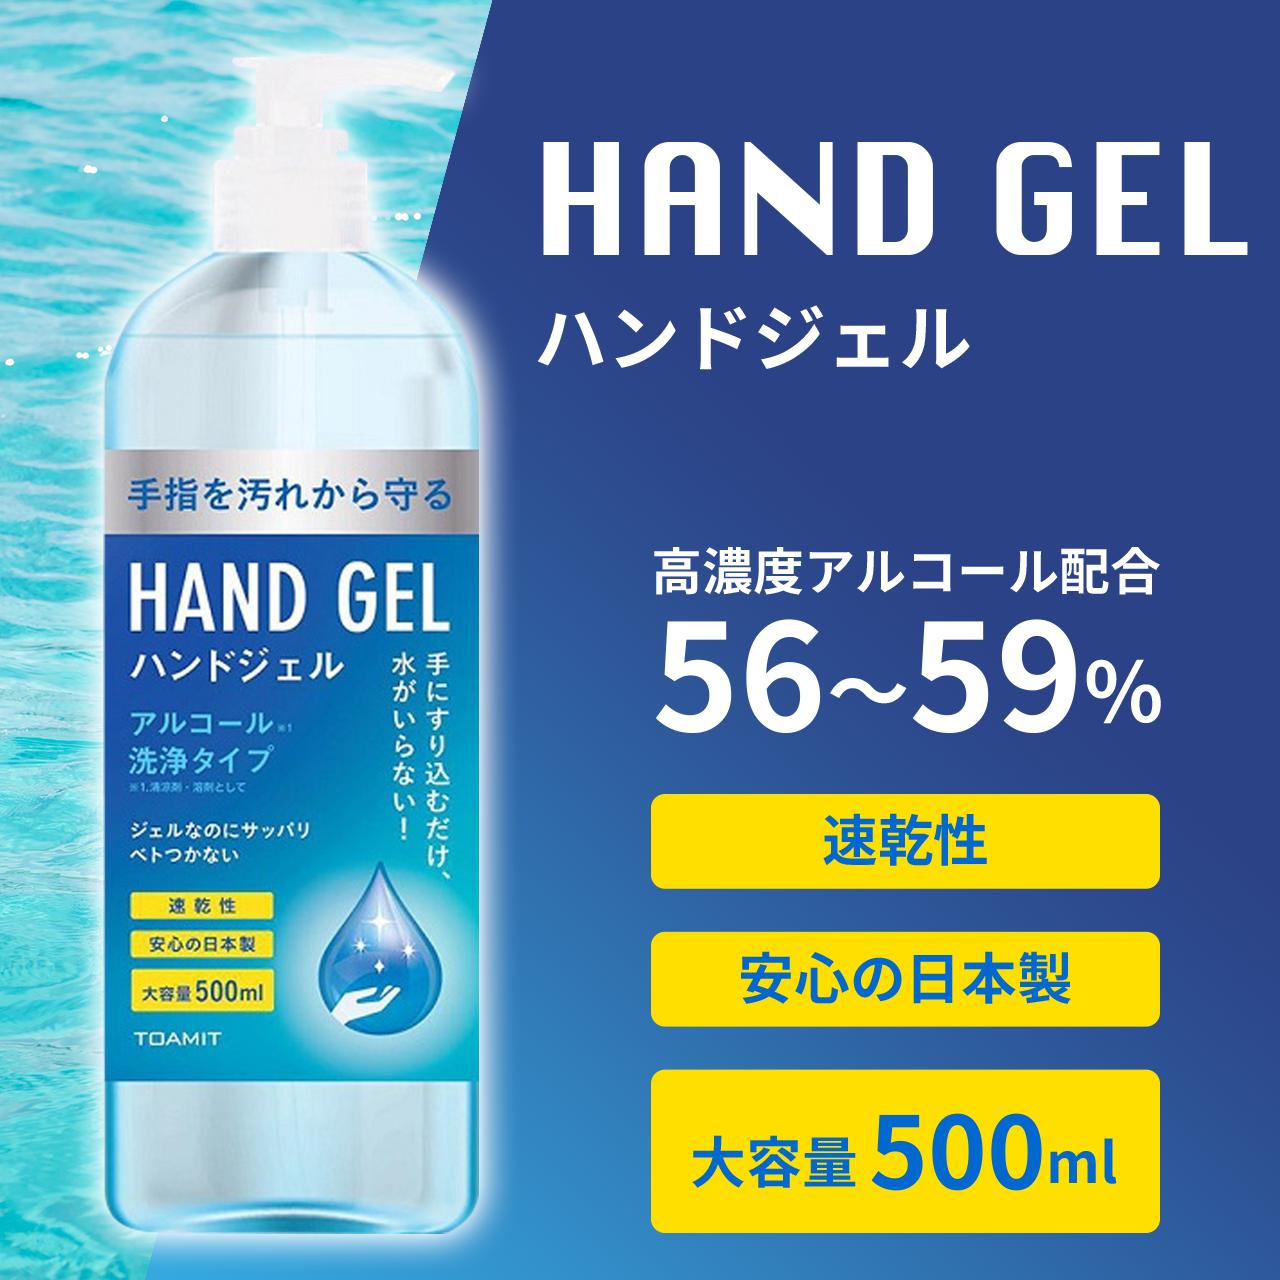 会社 ジェル ハンド 化粧品 東和 株式